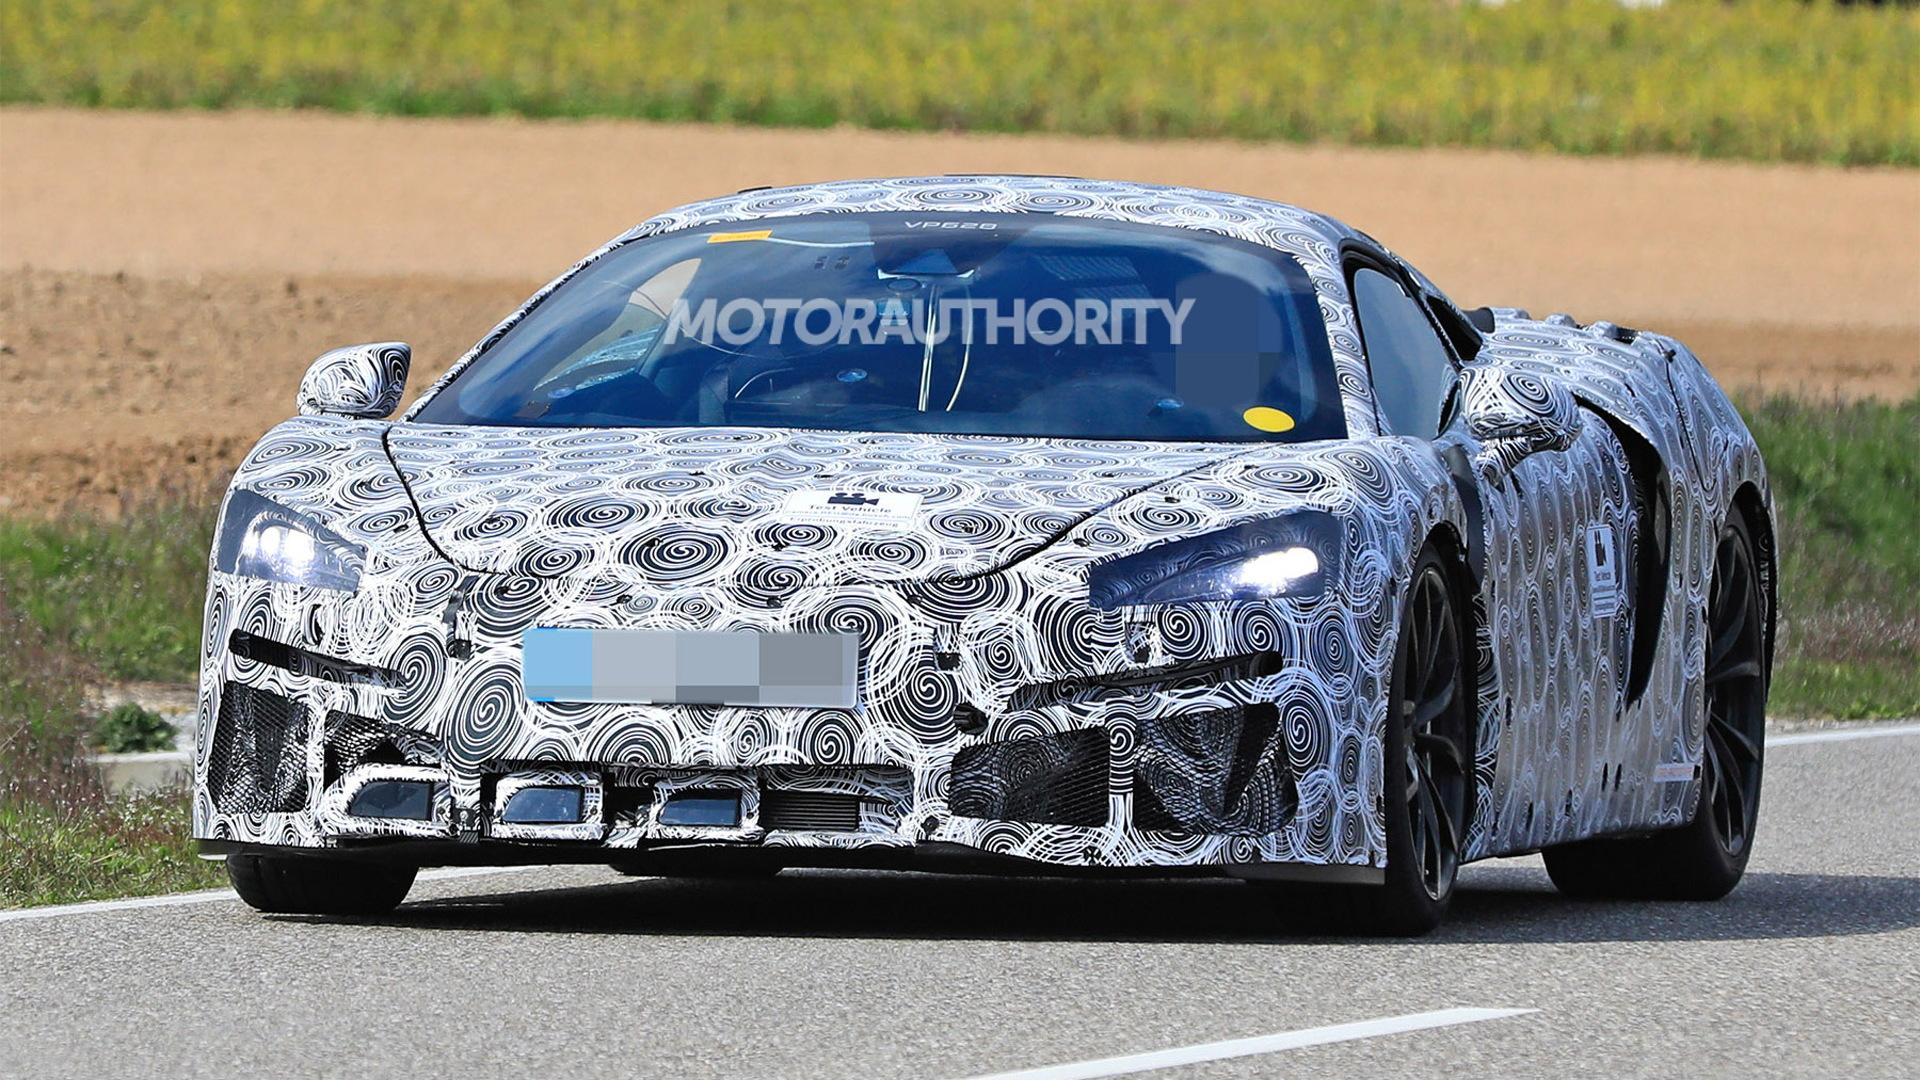 McLaren Sports Series hybrid spy shots - Photo credit: S. Baldauf/SB-Medien